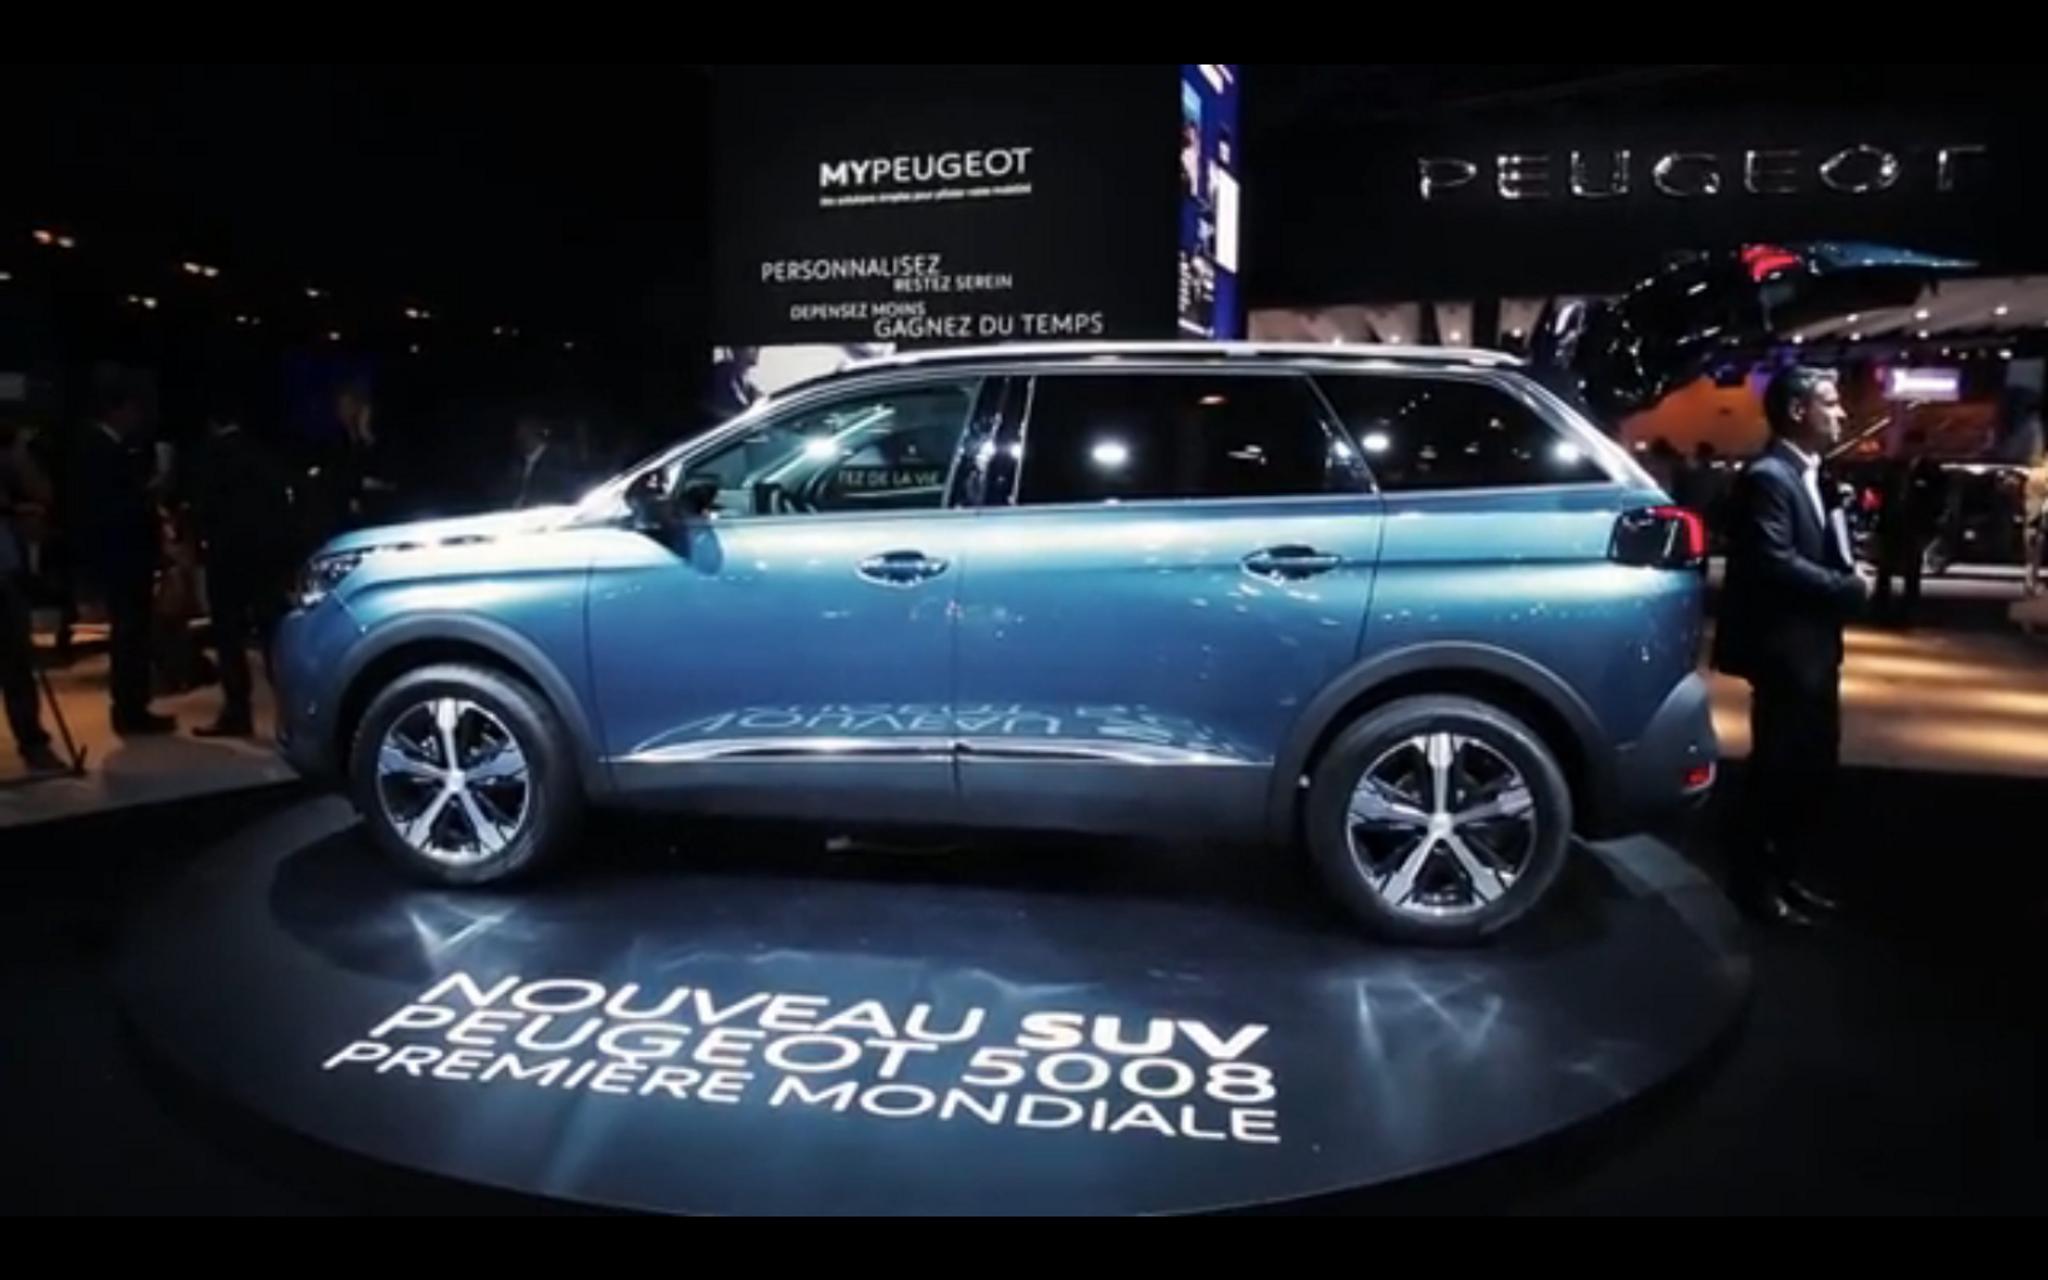 Peugeot 5008 Suv >> Pariisi 2016 Live Uusi Peugeot 5008 Suv Mokkileviketta Loytyy Tuulilasi